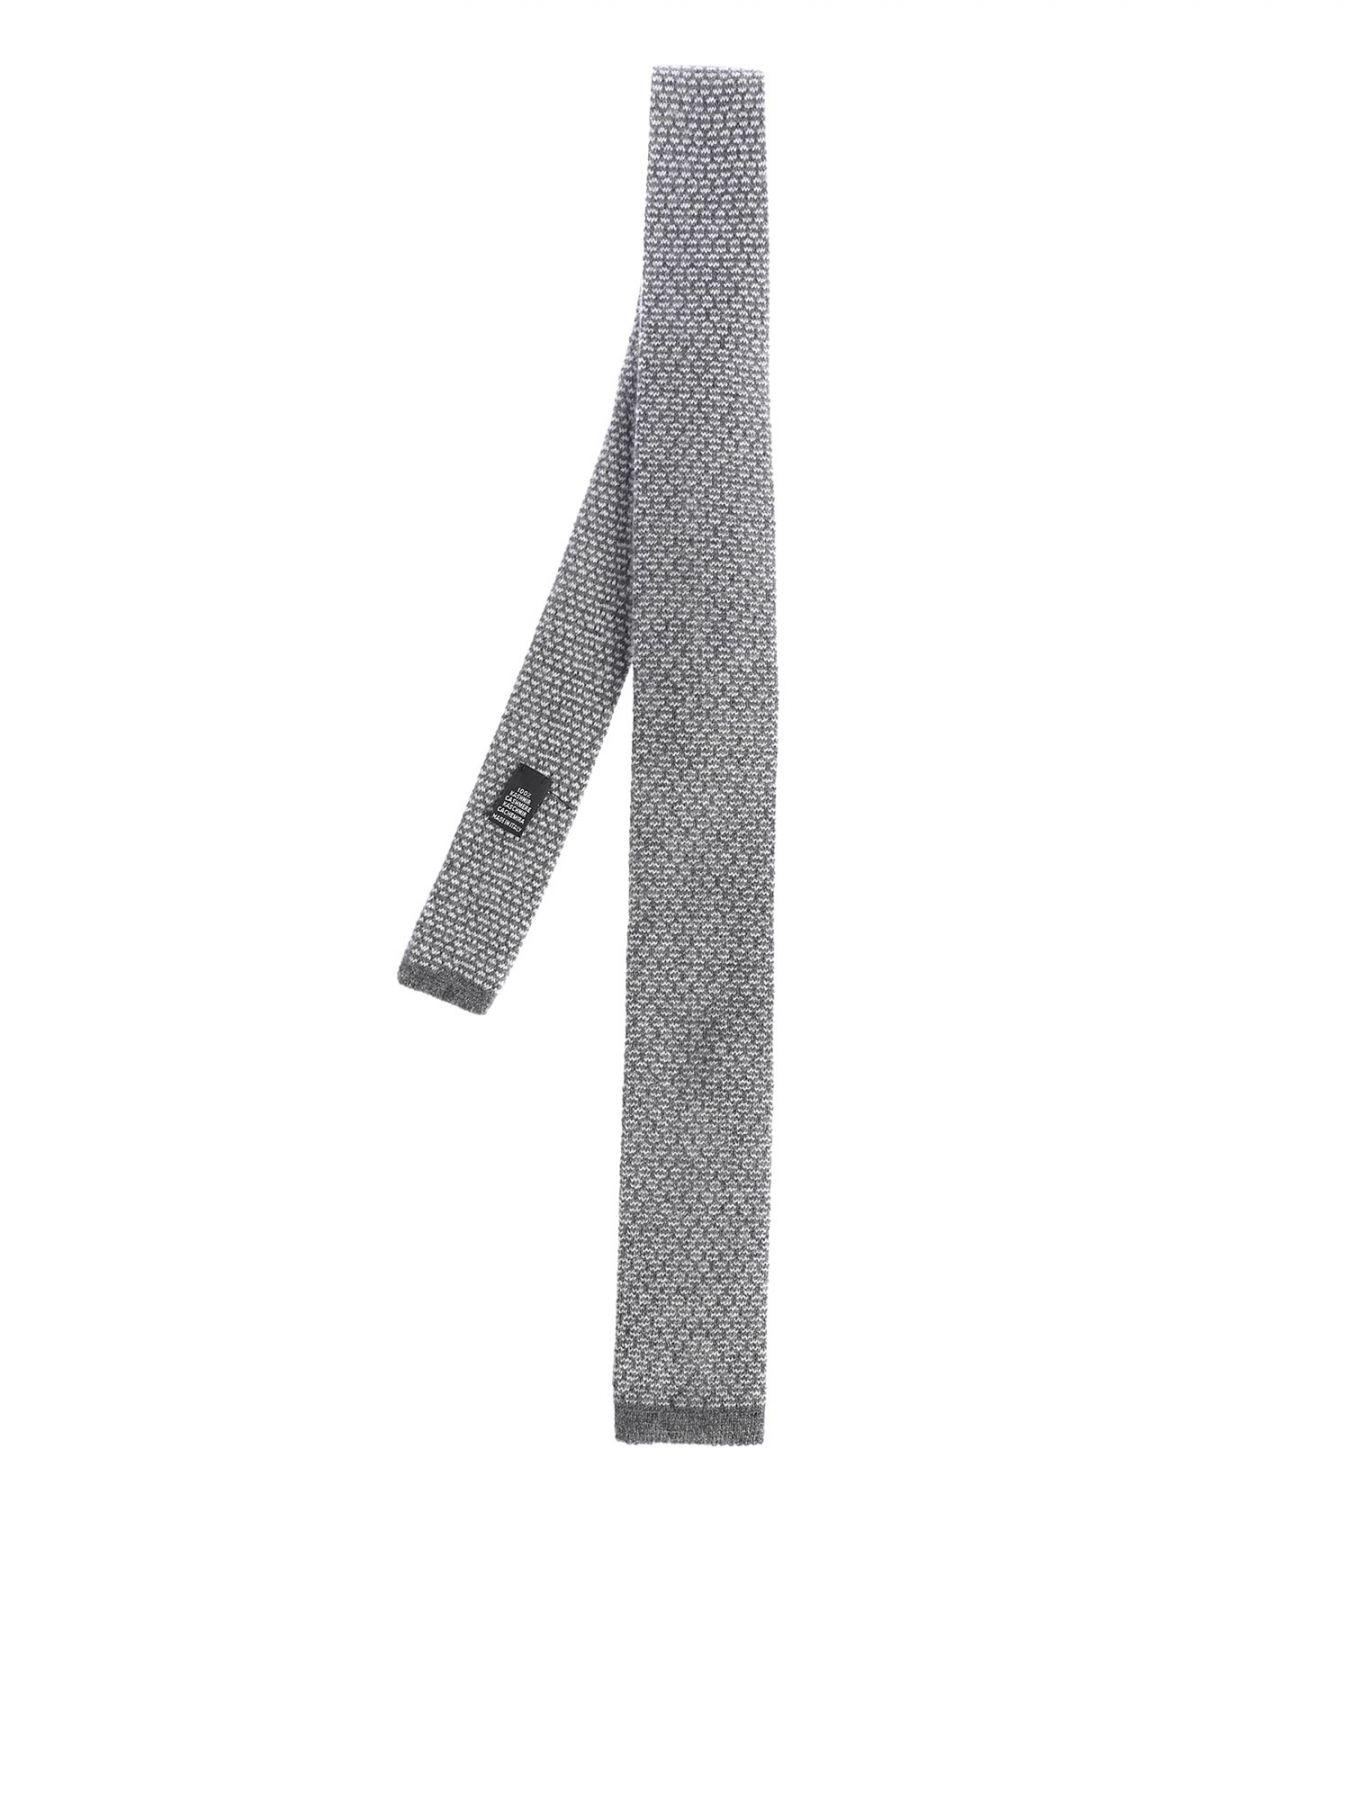 Roda Grey Cashmere Tie